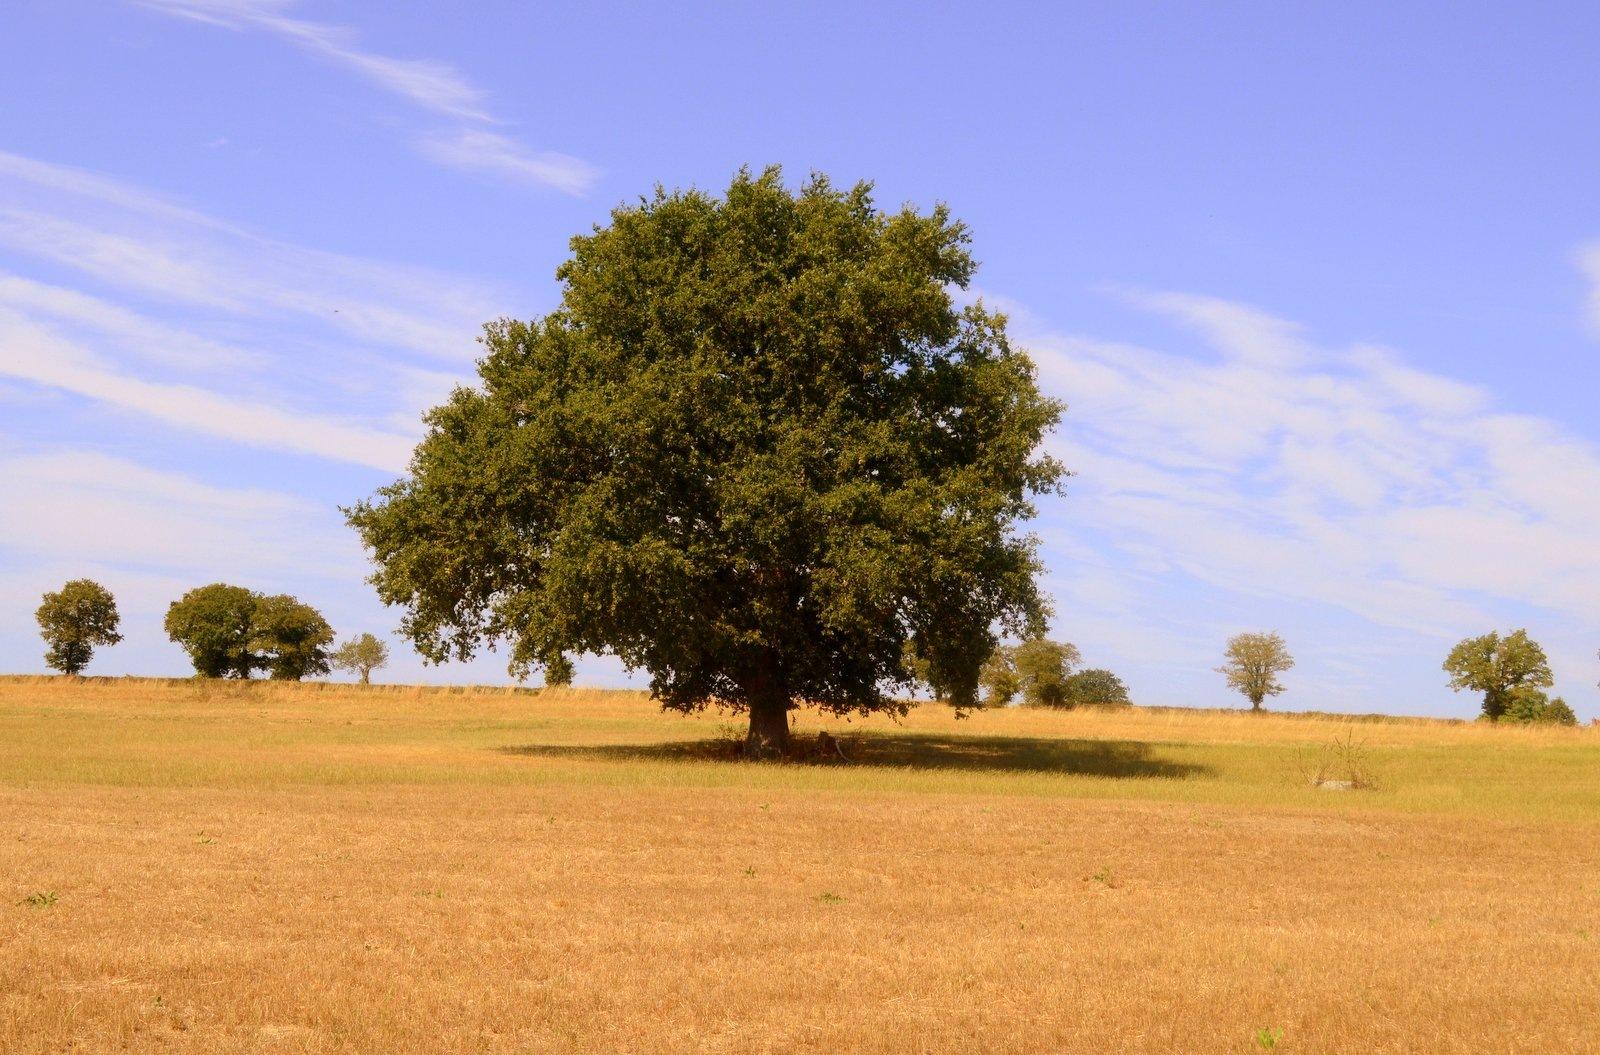 Oak in the Field by jeffdixon